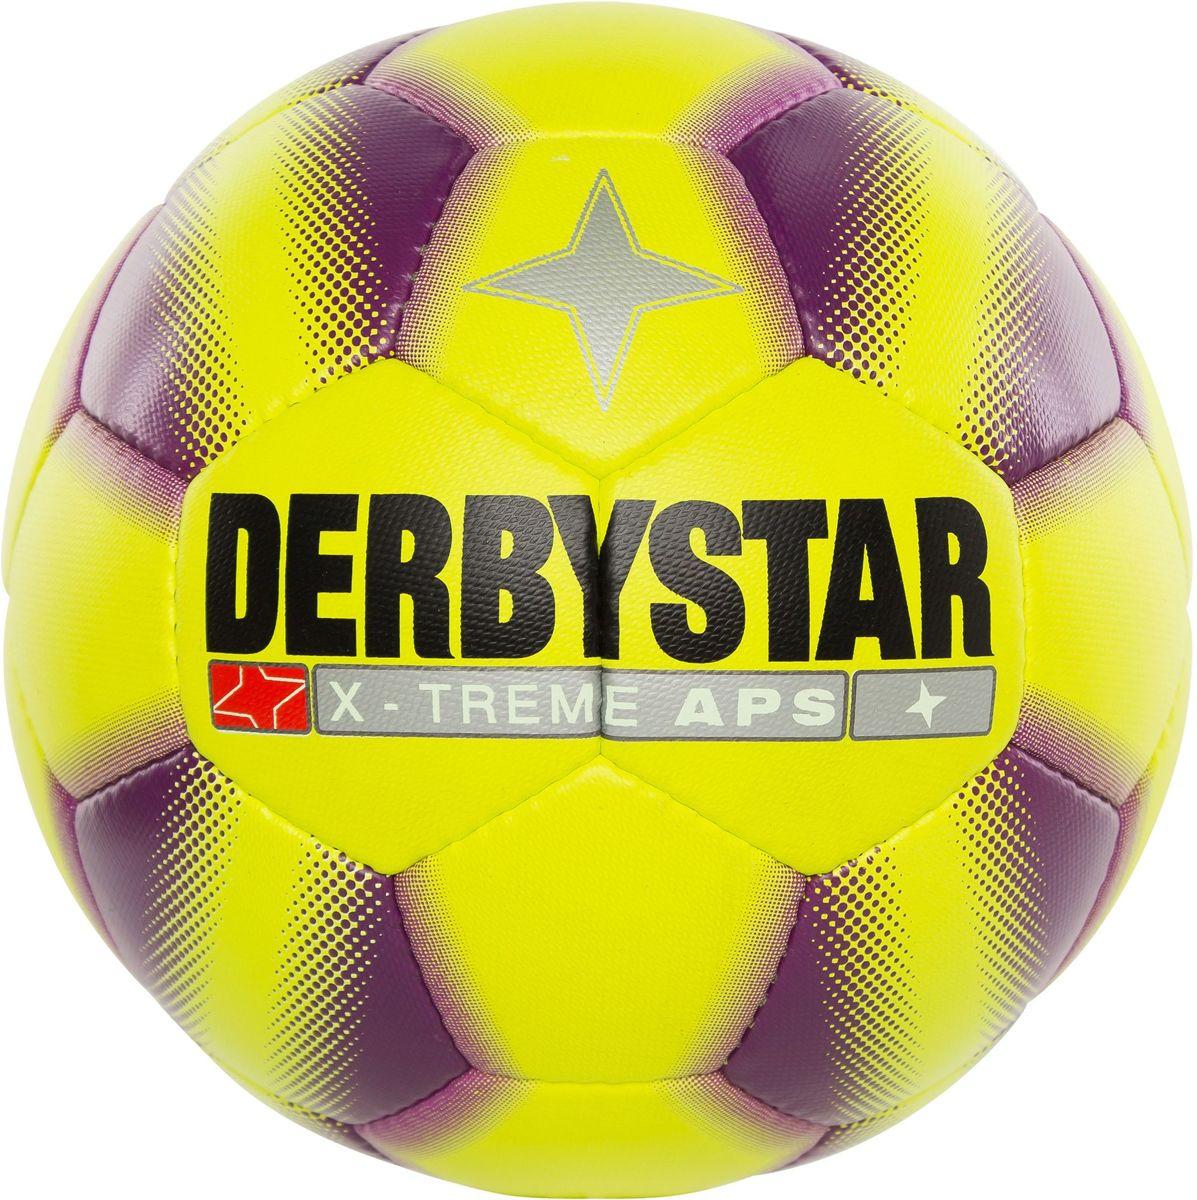 Derbystar X-treme - Voetbal - Geel - Maat 5 - 286993-4850-5